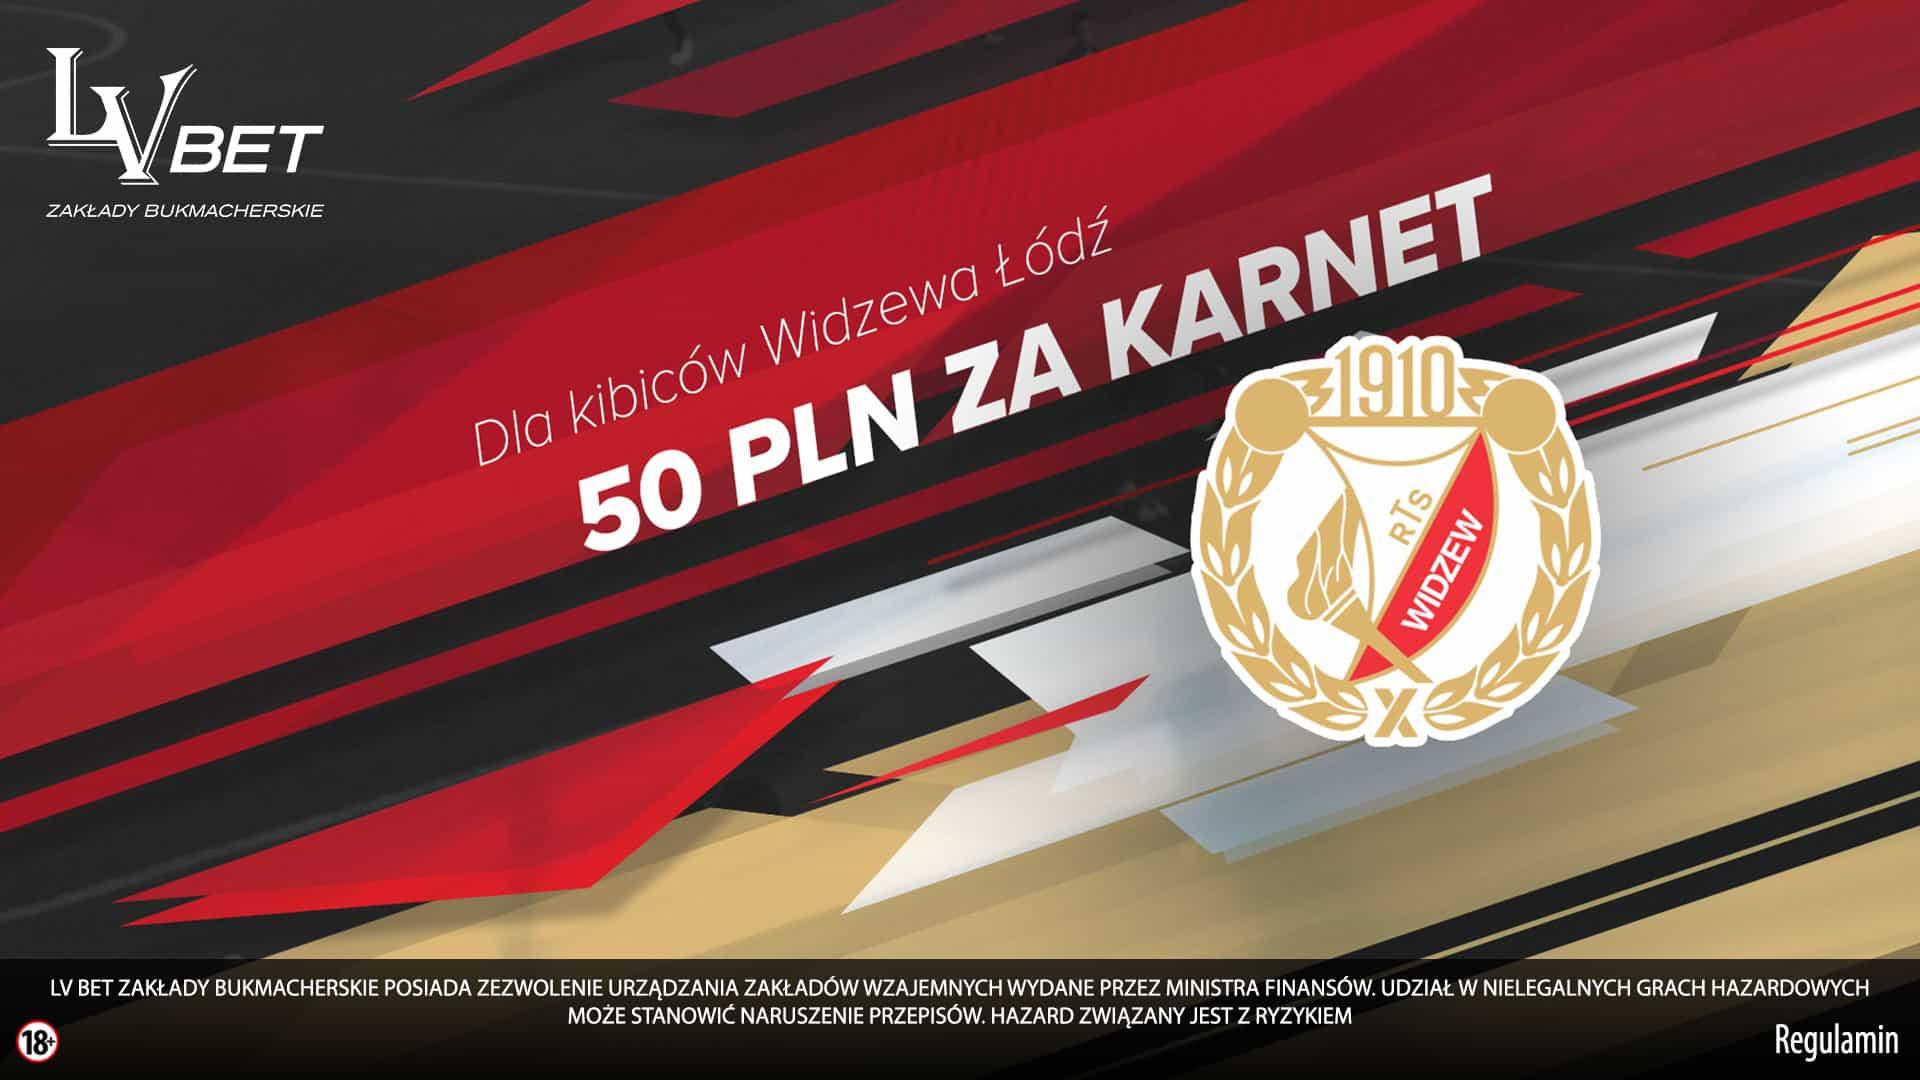 50 pln bonusu za karnet lvbet